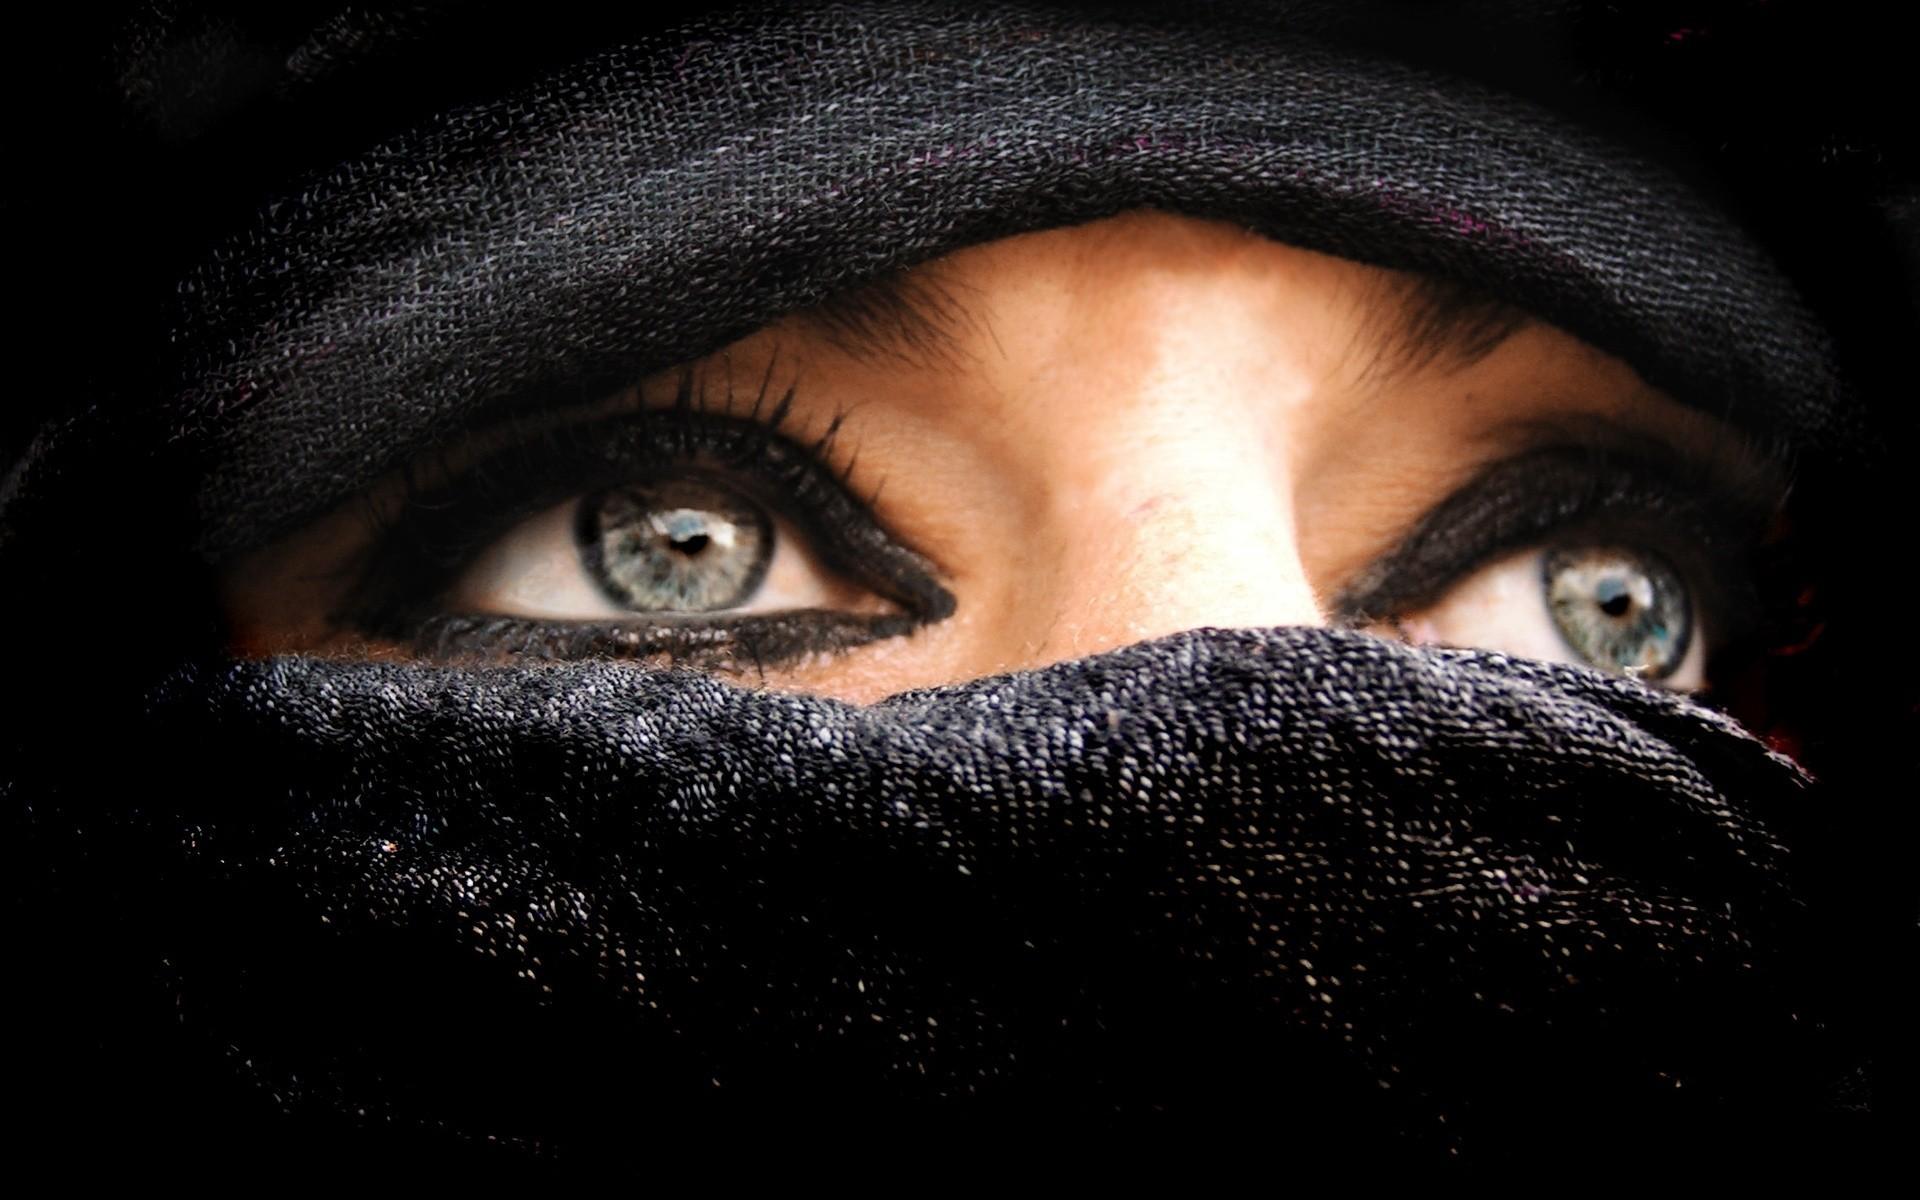 днем для чего восточные женщины закрывают лицо ней